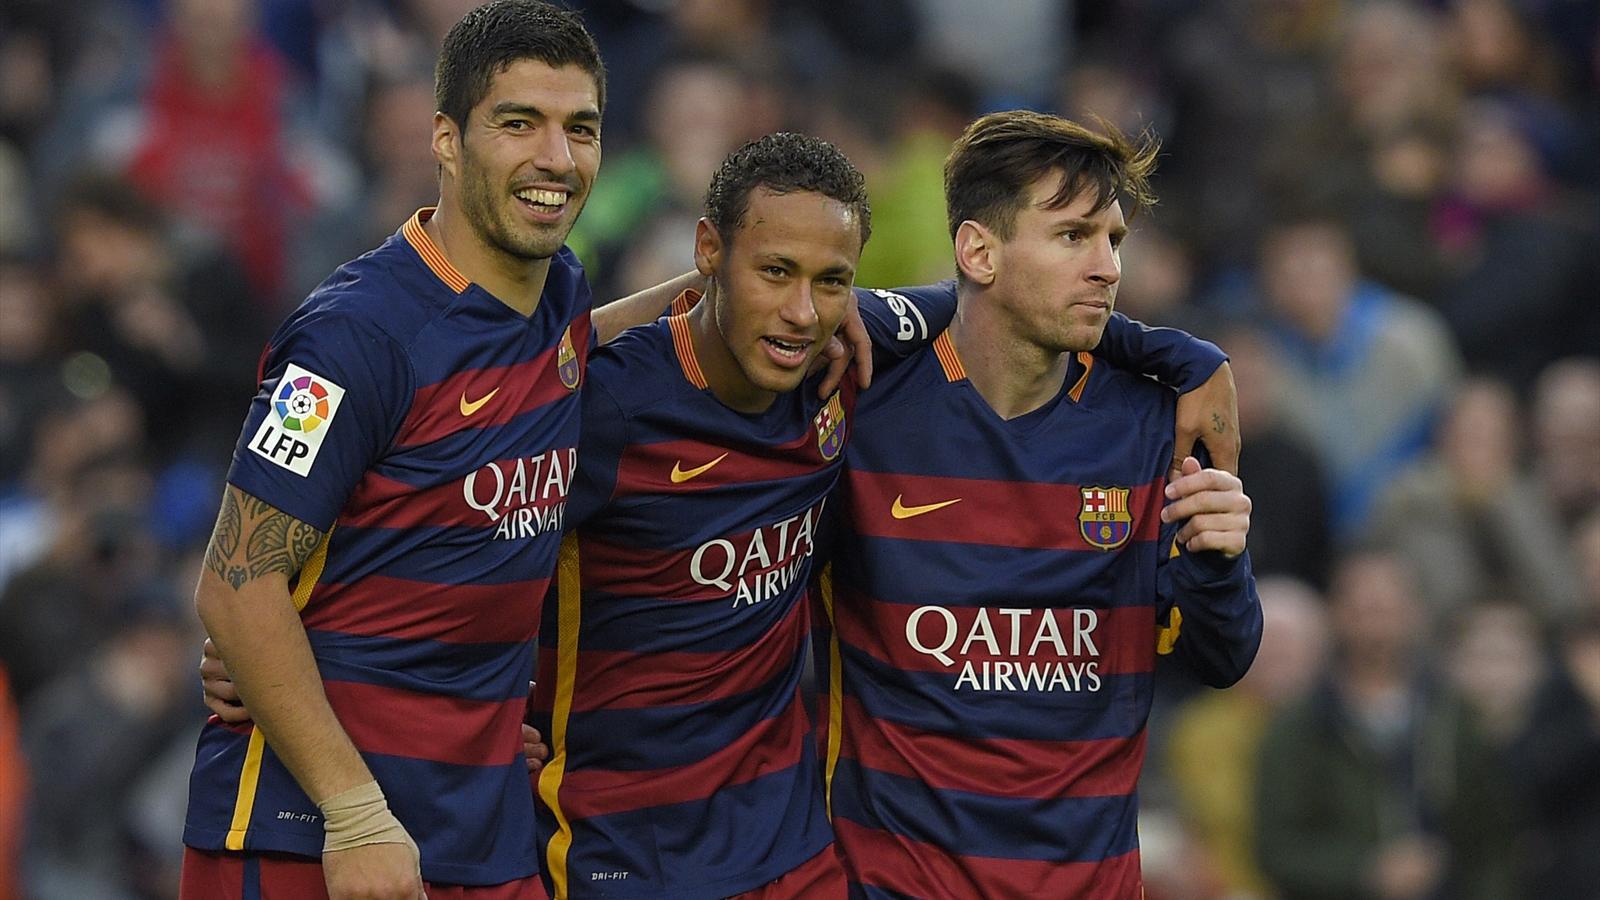 Все 137 голов игроков «Барселоны» Лионеля Месси, Неймара и Луиса Суареса в 2015 году в одном видео